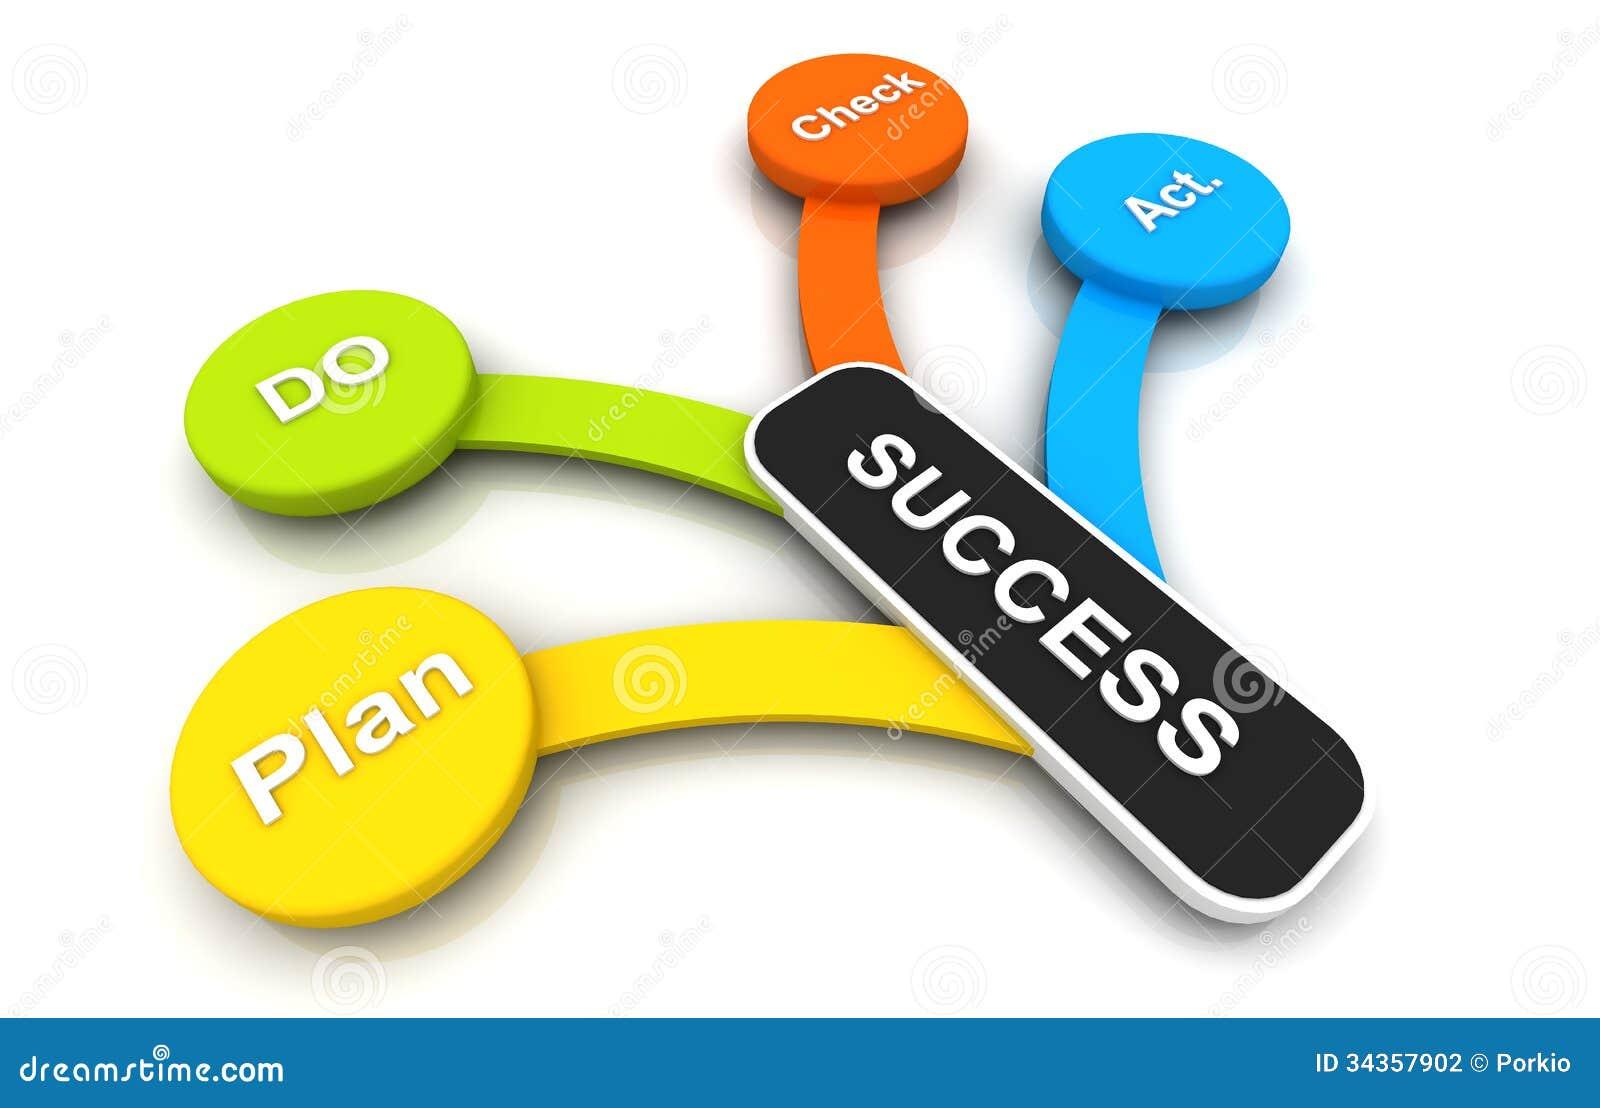 Le plan d 39 action font le contr le d 39 action au succ s for Future planner online